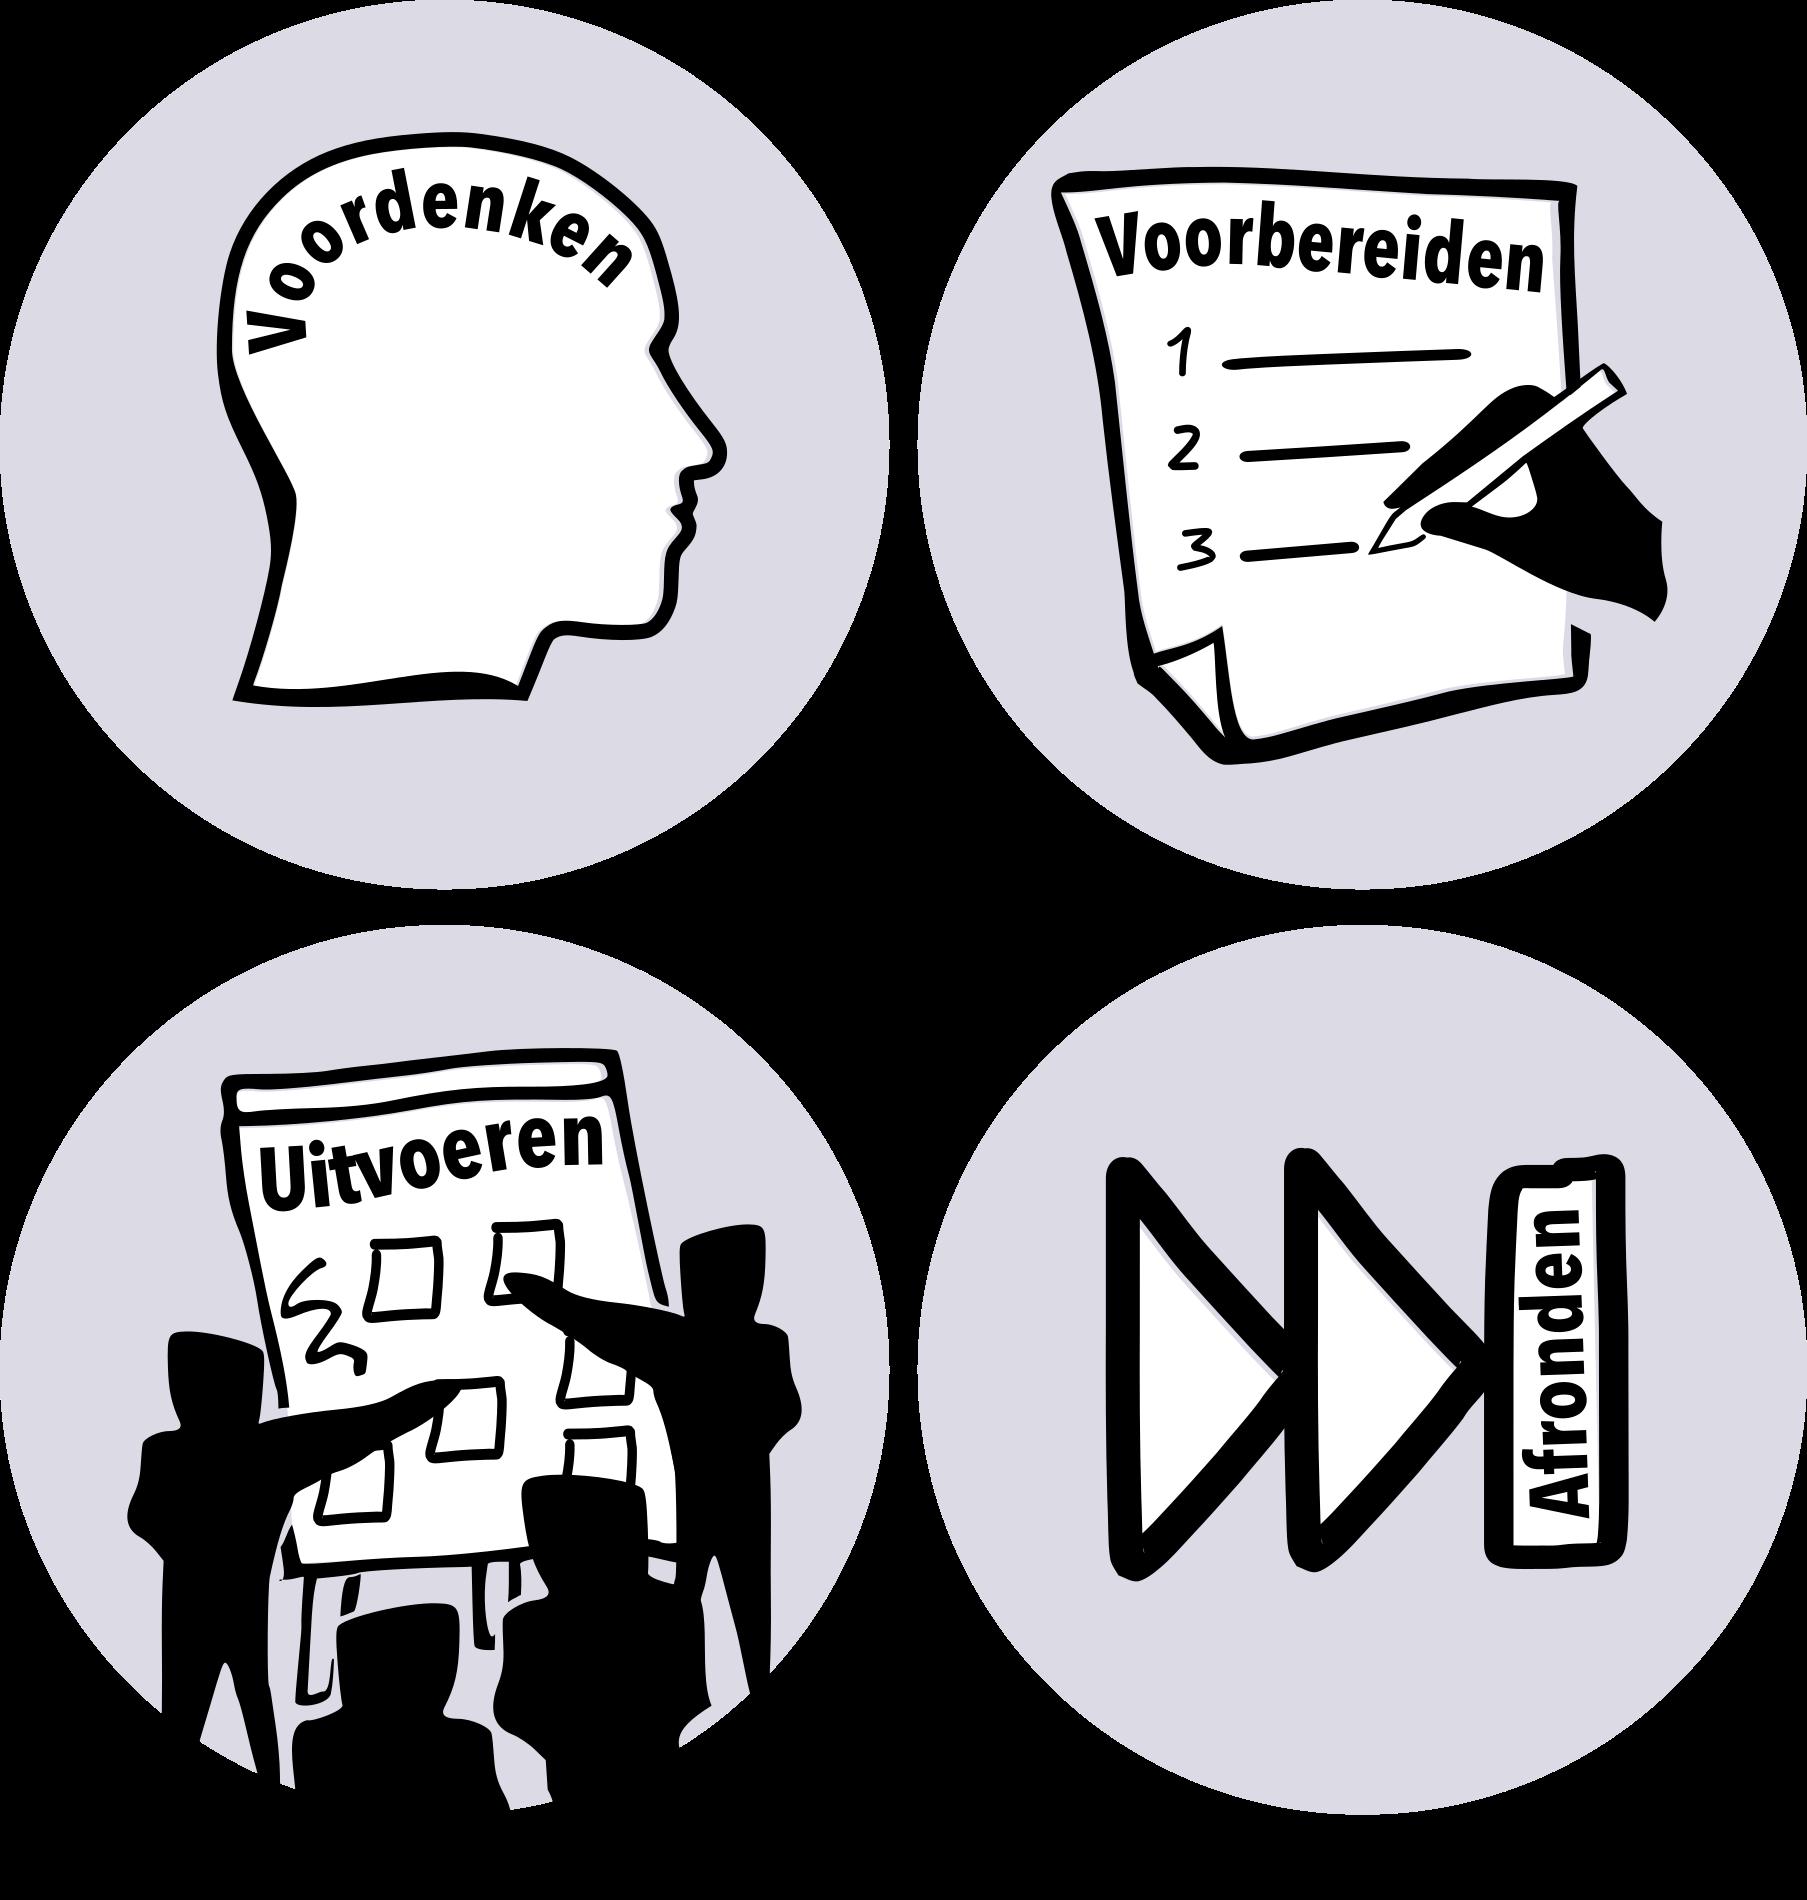 in 4 stappen naar innovatieve ideeën en concrete oplossingen